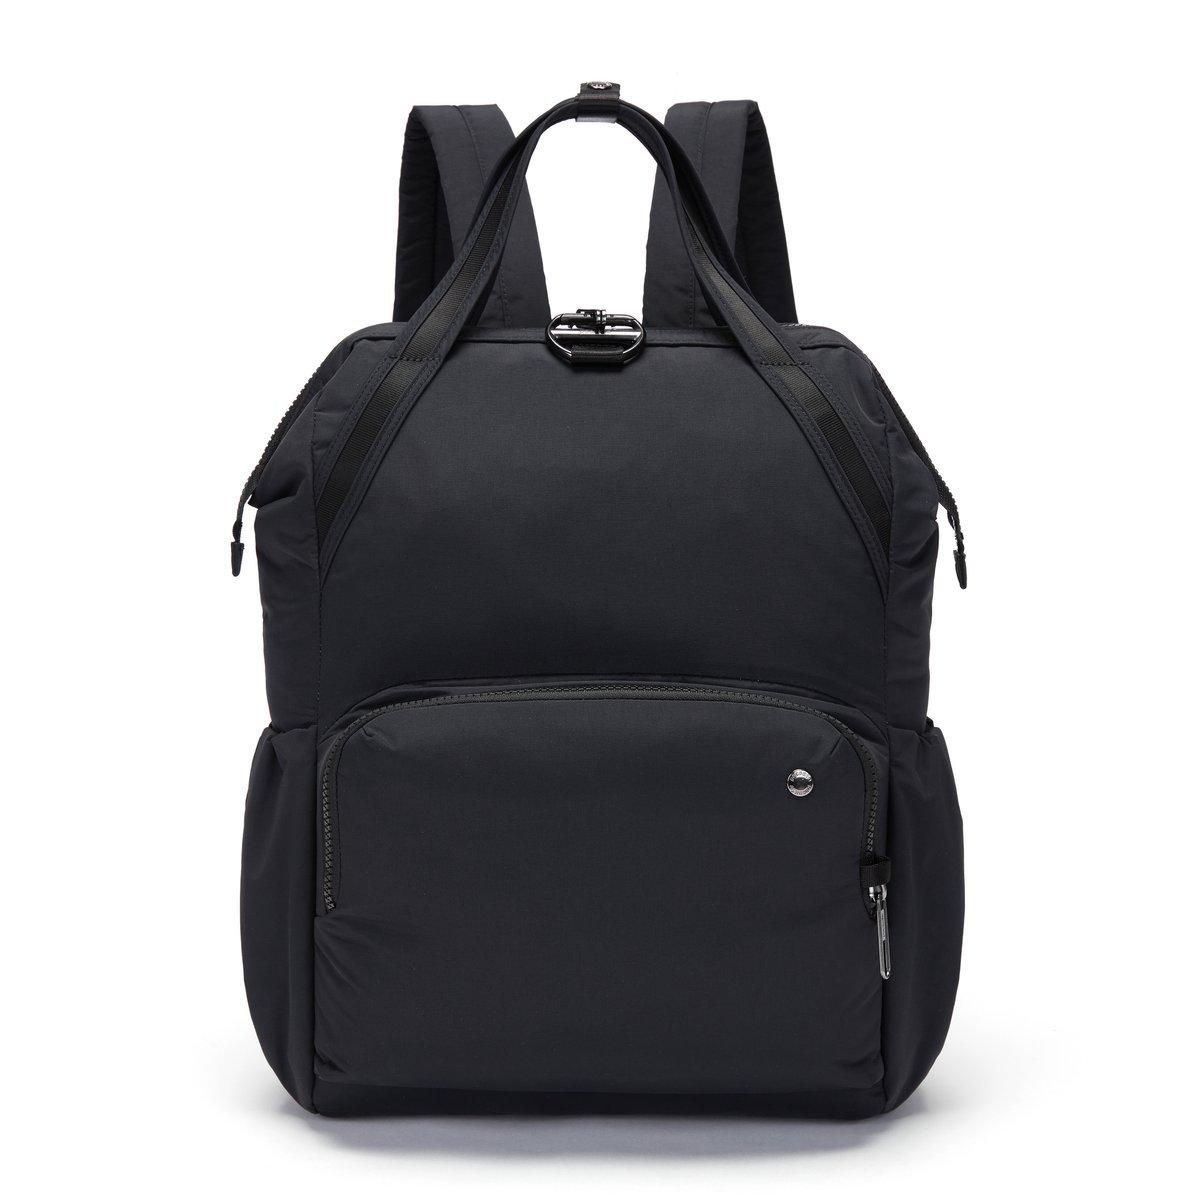 Plecak antykradzieżowy Pacsafe Citysafe CX 17L czarny